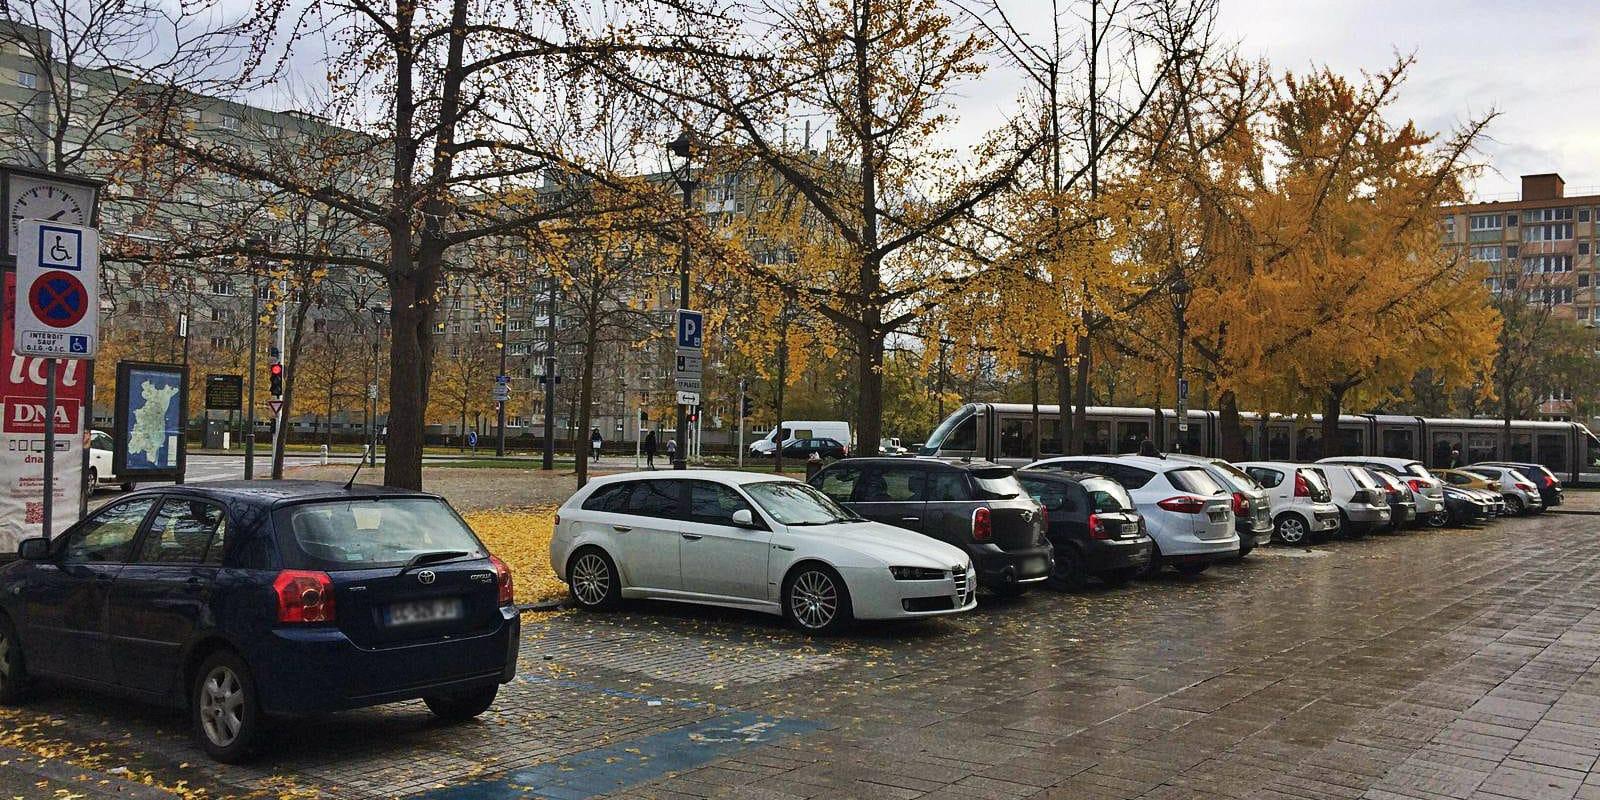 OPnGO, une deuxième application pour payer le stationnement à Strasbourg